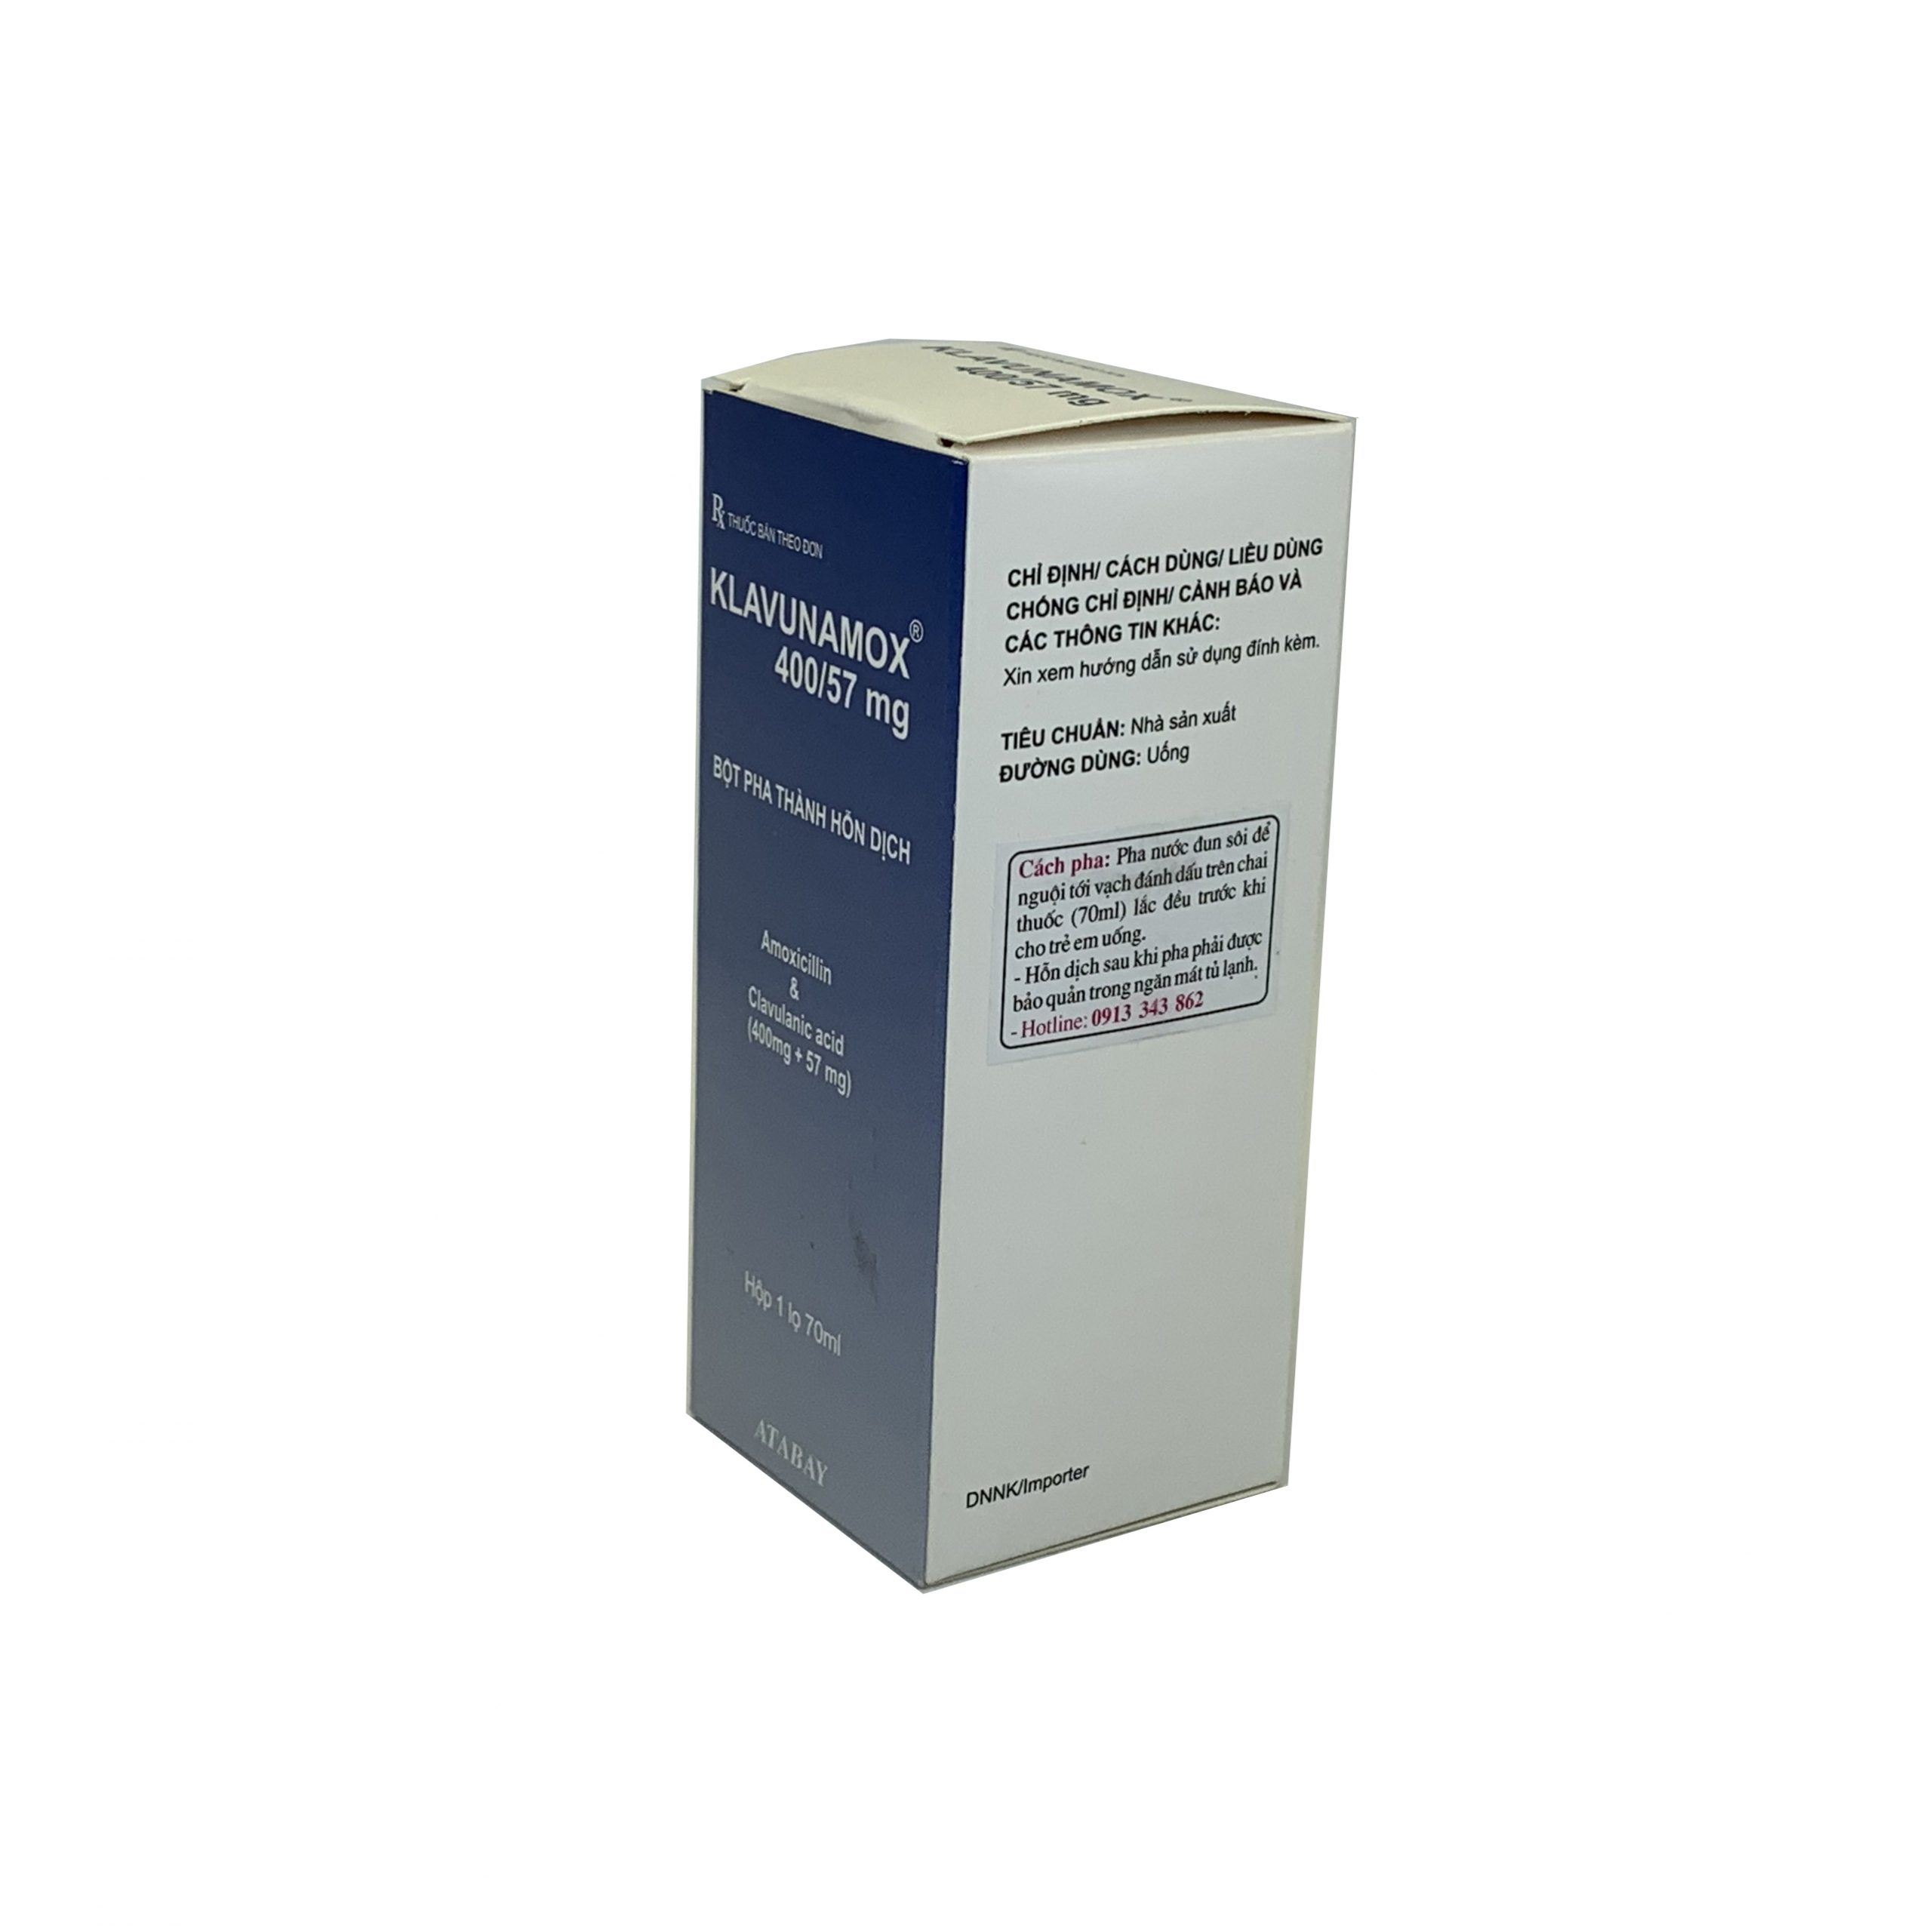 Thuốc Klavunamox 400/57mg